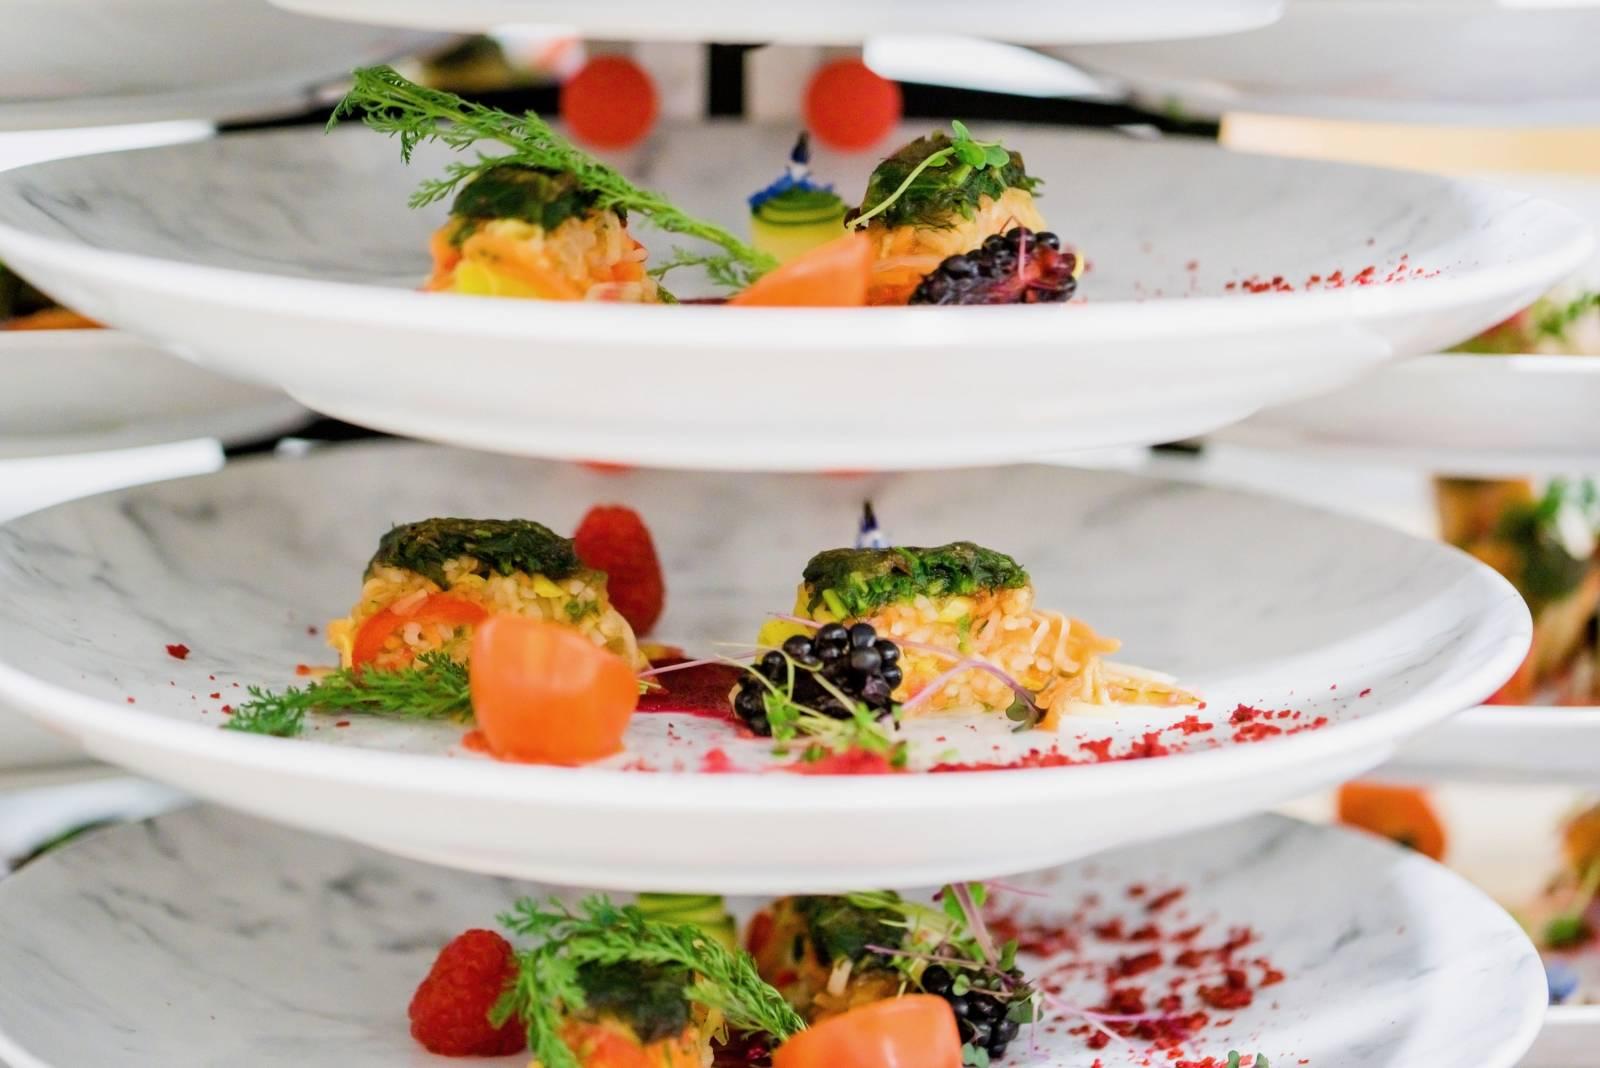 Biorganic - Catering - Cateraar - Traiteur - Biologisch - House of Weddings - 24